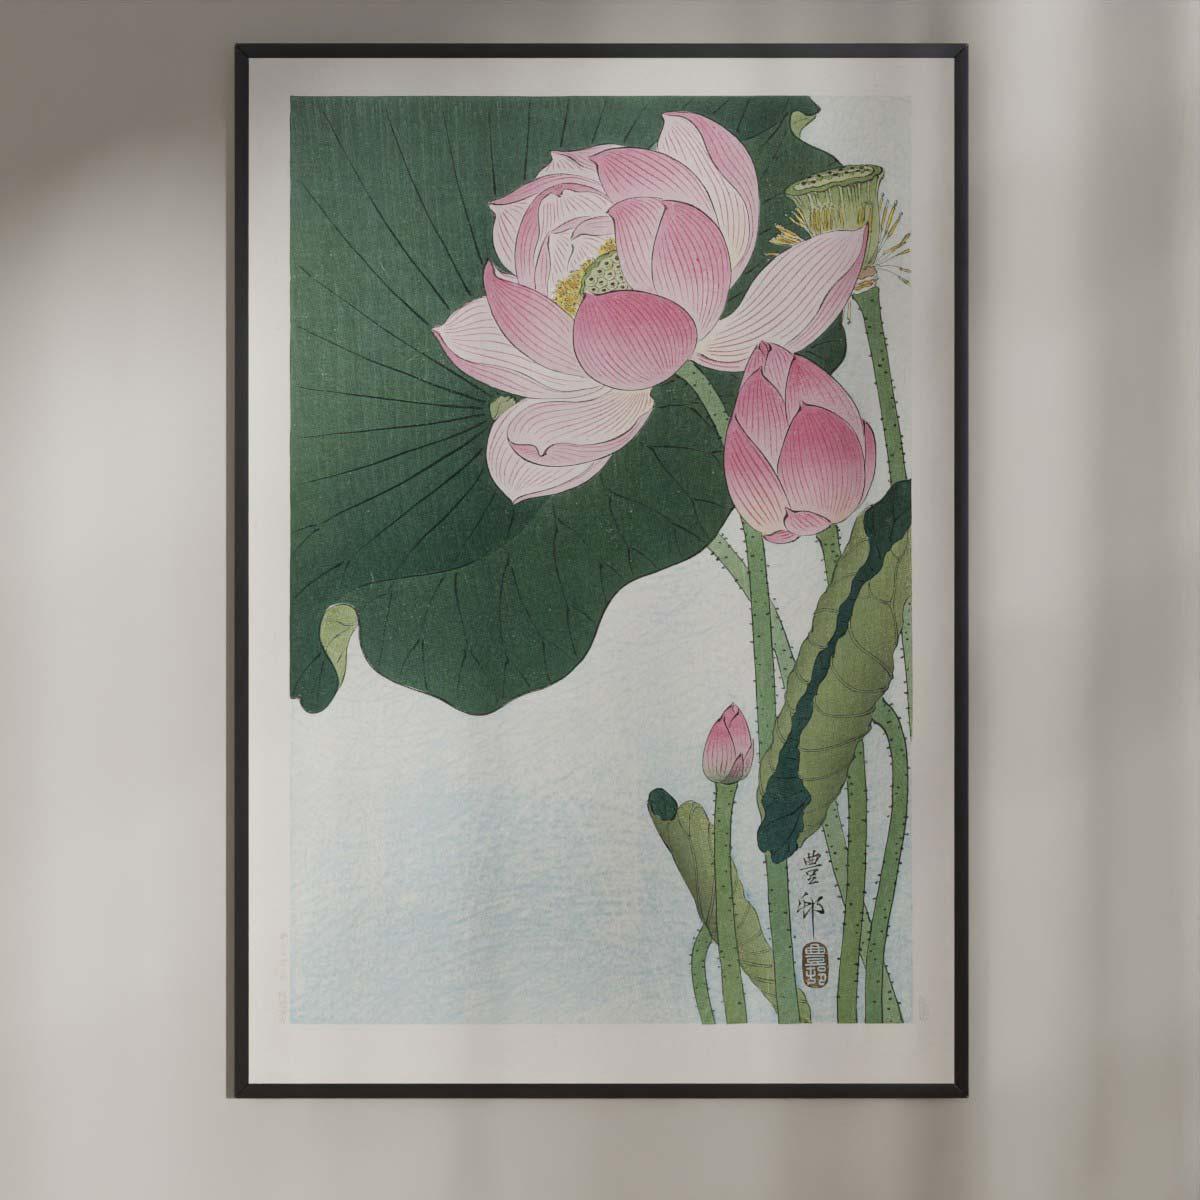 Plakat - Blomstrende Lotus - Ohara Koson Japansk Træsnit